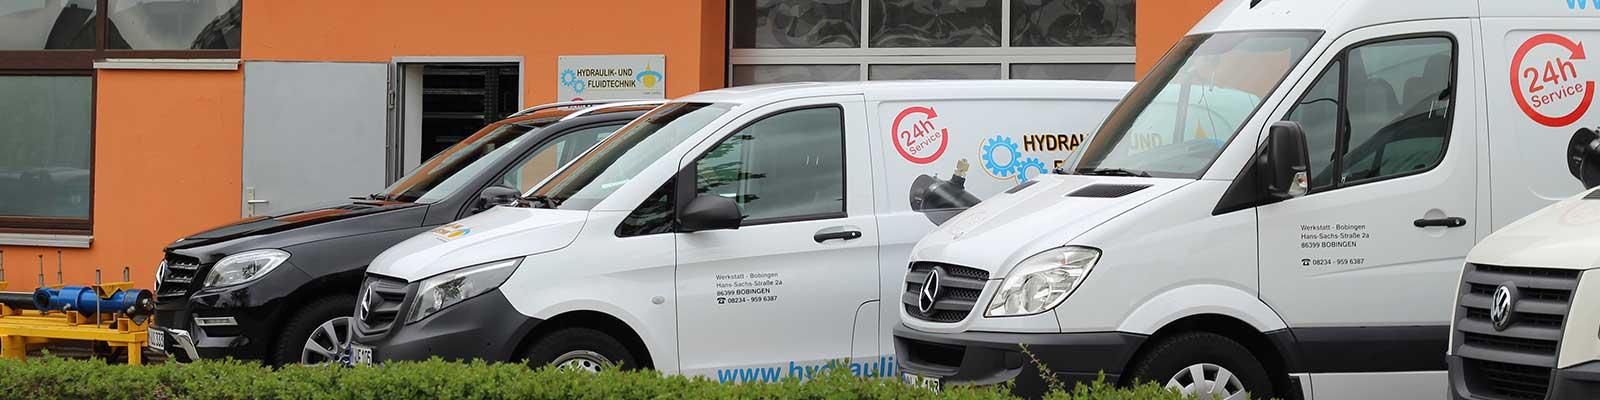 Uwe Lerbs GmbH Servicecenter